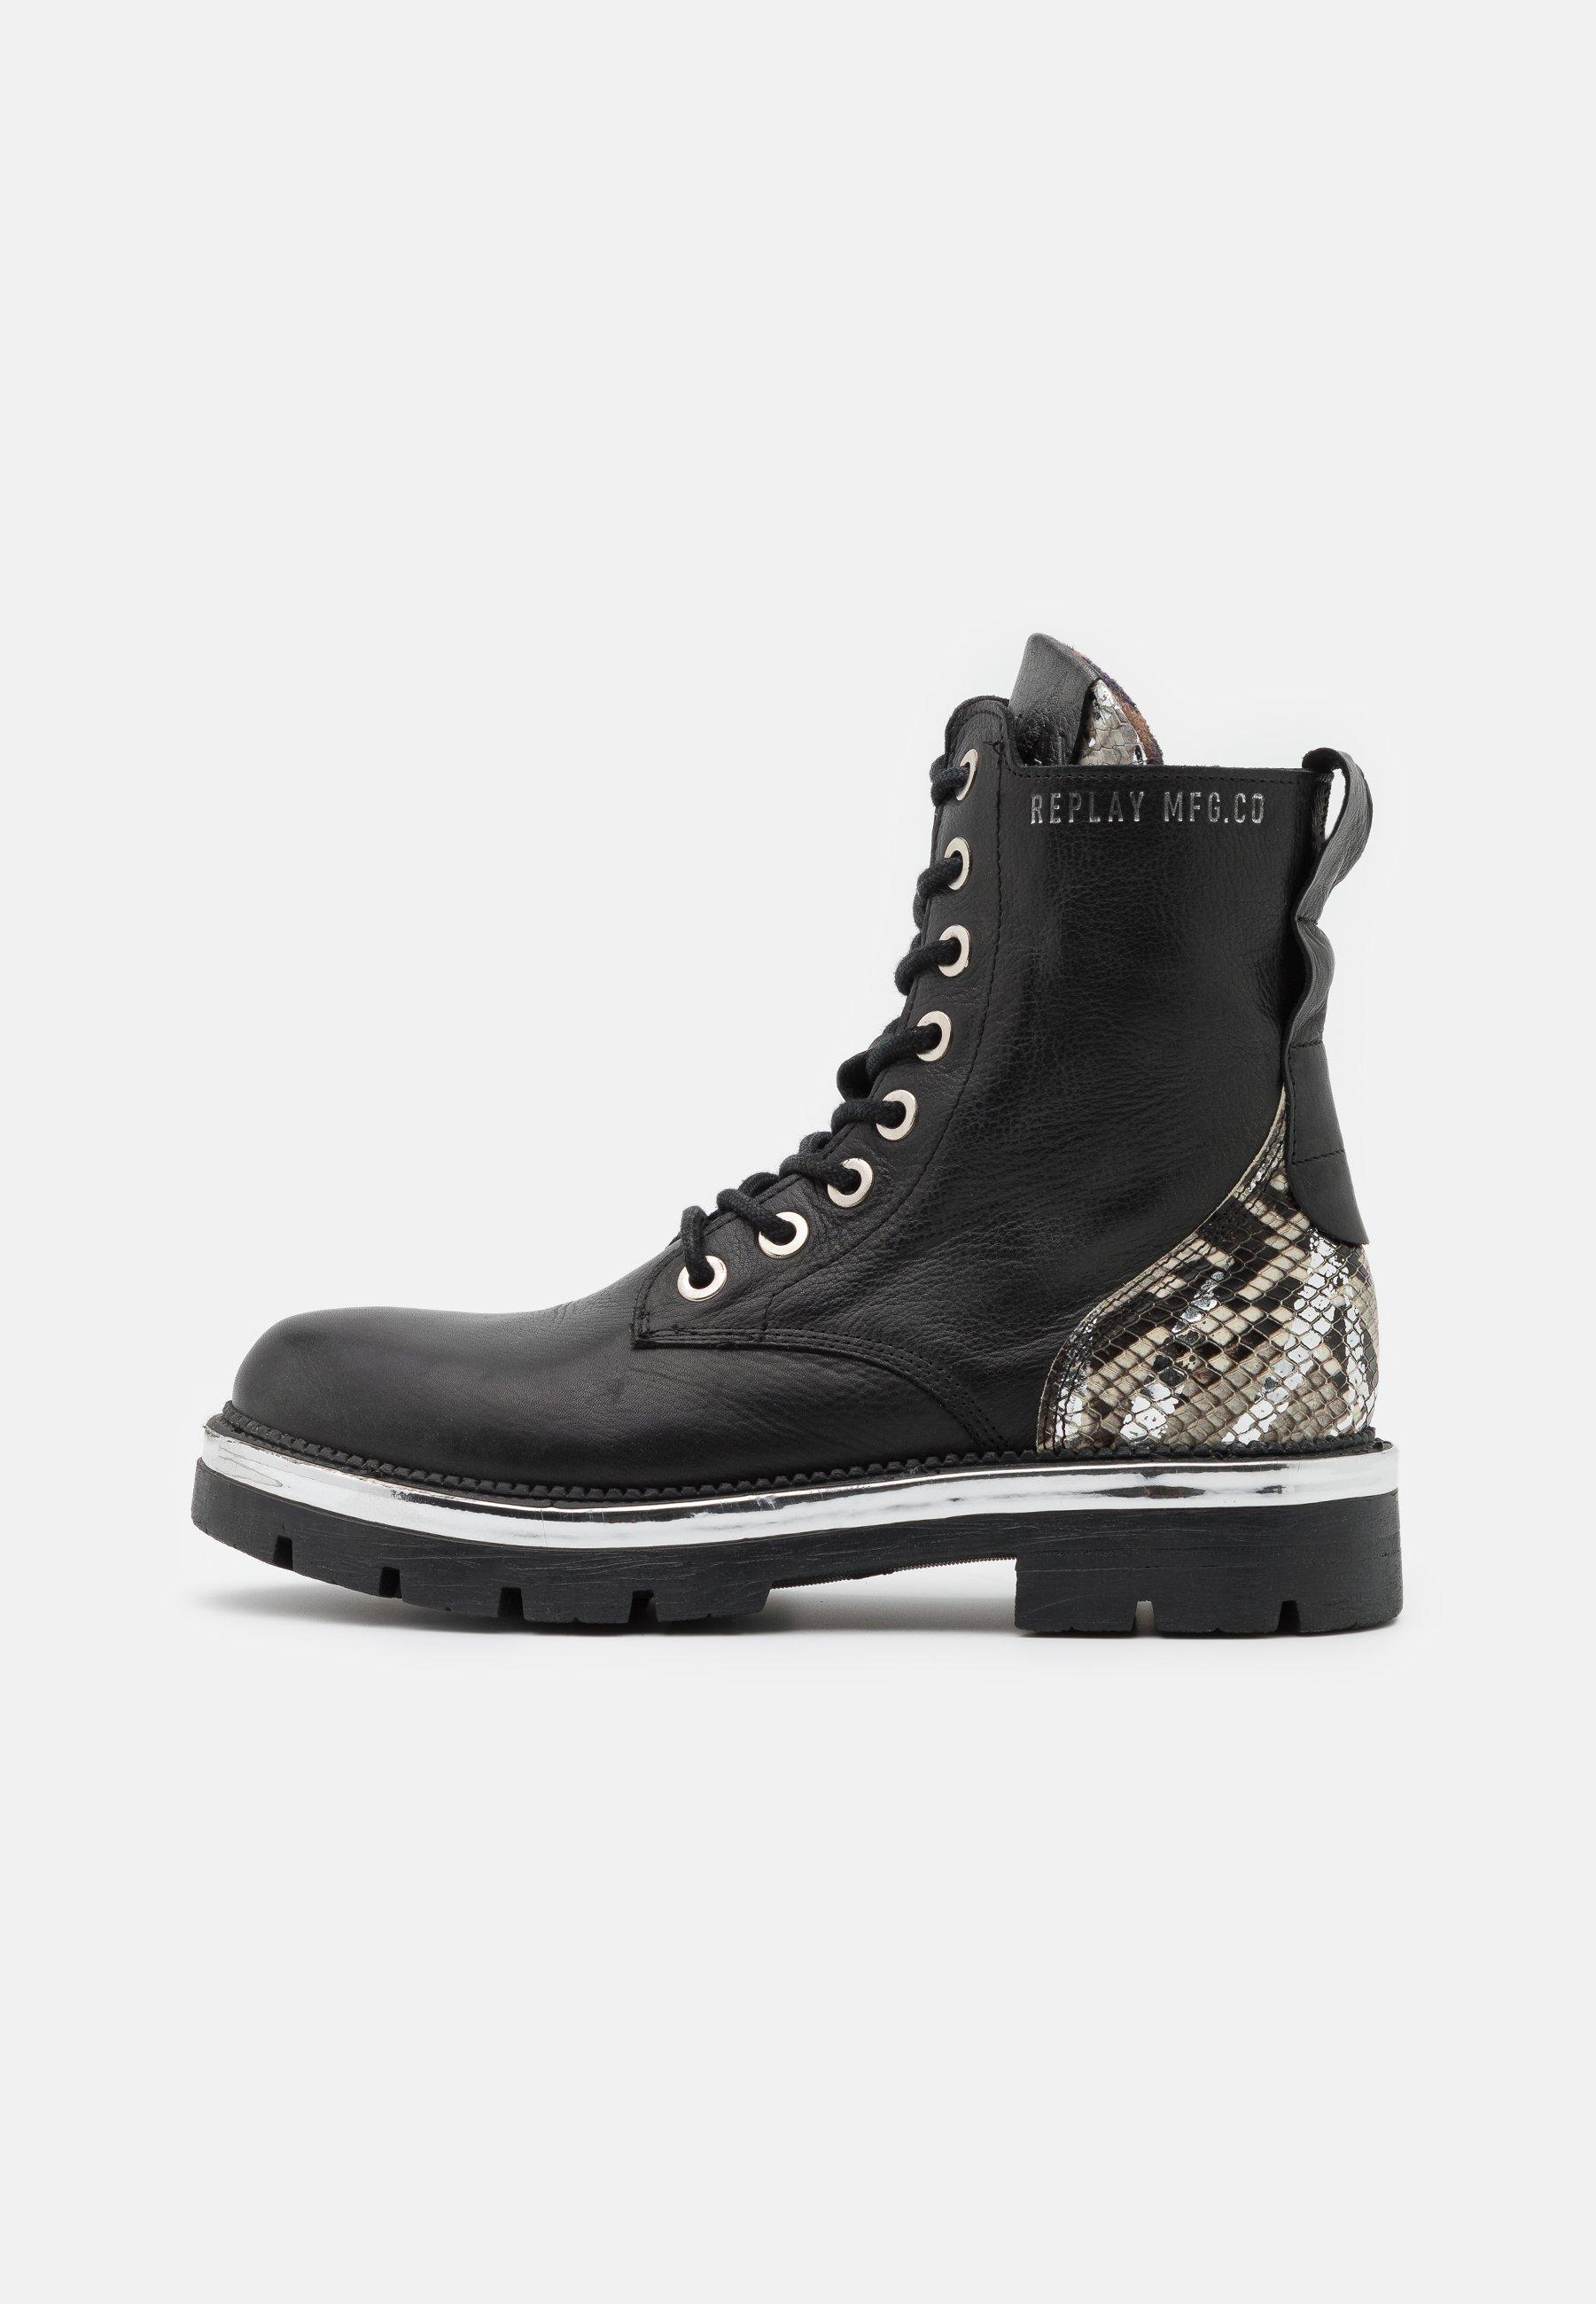 Replay Schuhe für Damen versandkostenfrei kaufen  ZALANDO